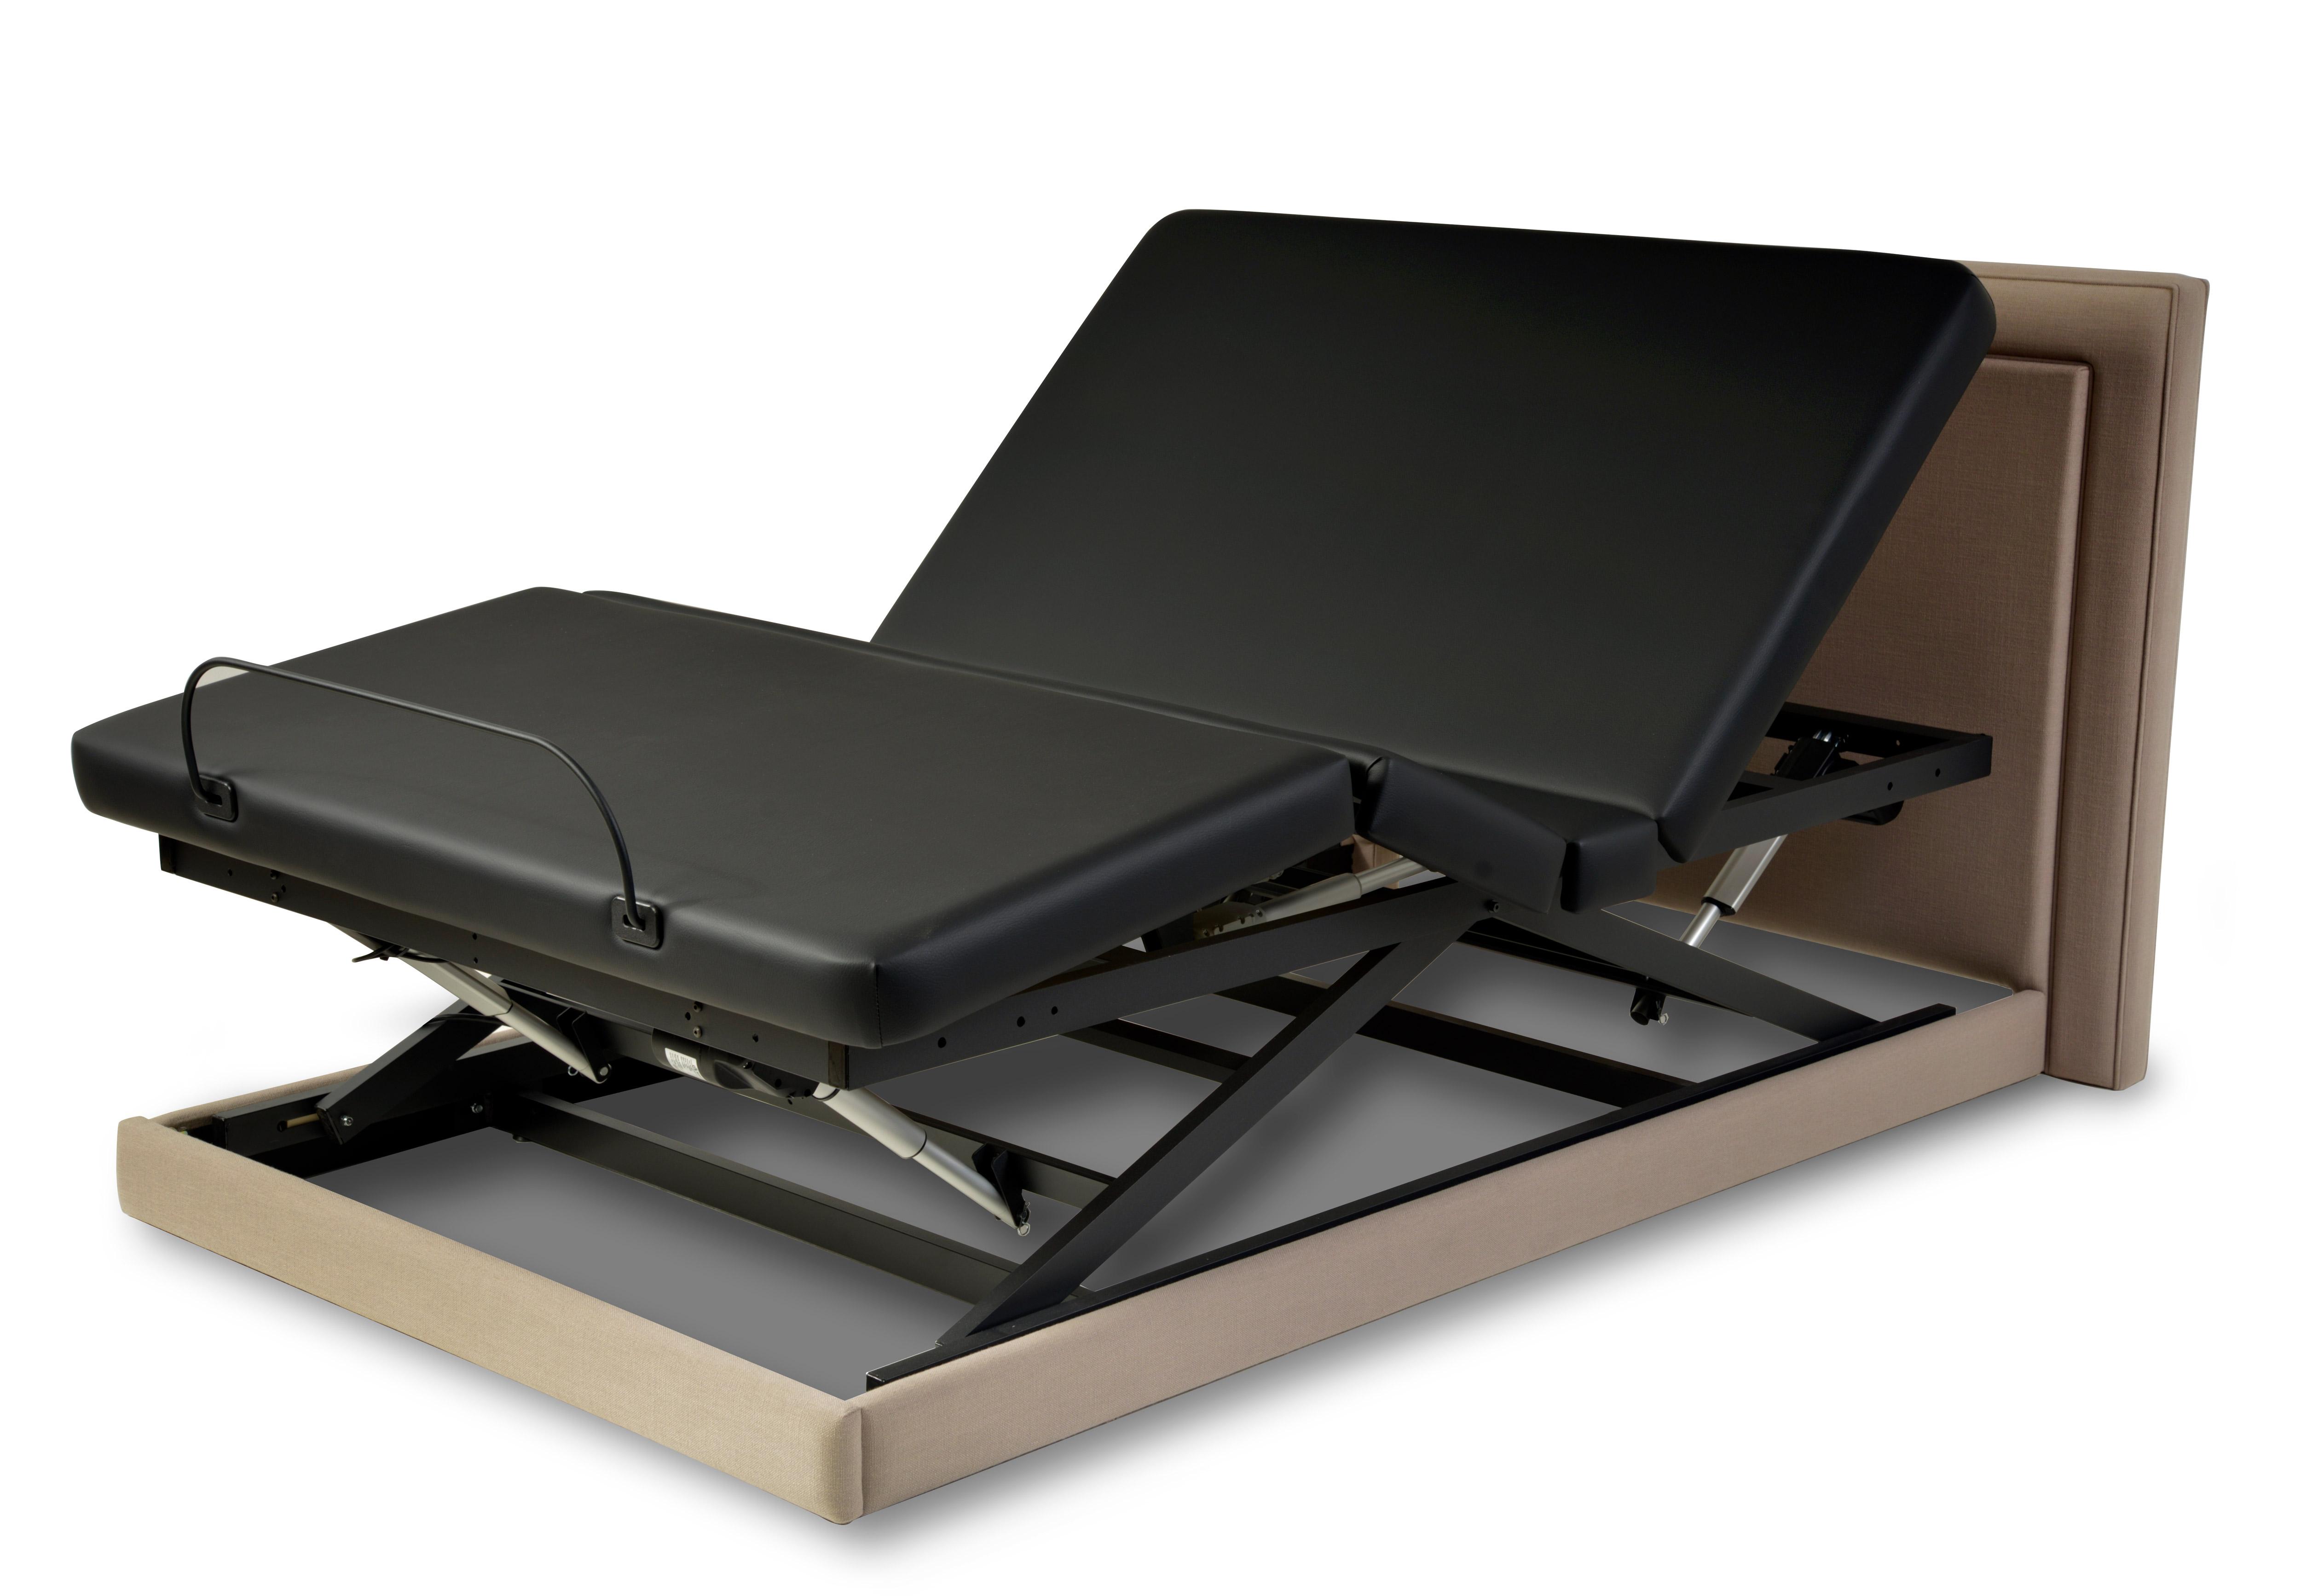 Assured Comfort Hi Low Adjustable Bed Platform Series Upholstered Panel - Articulation